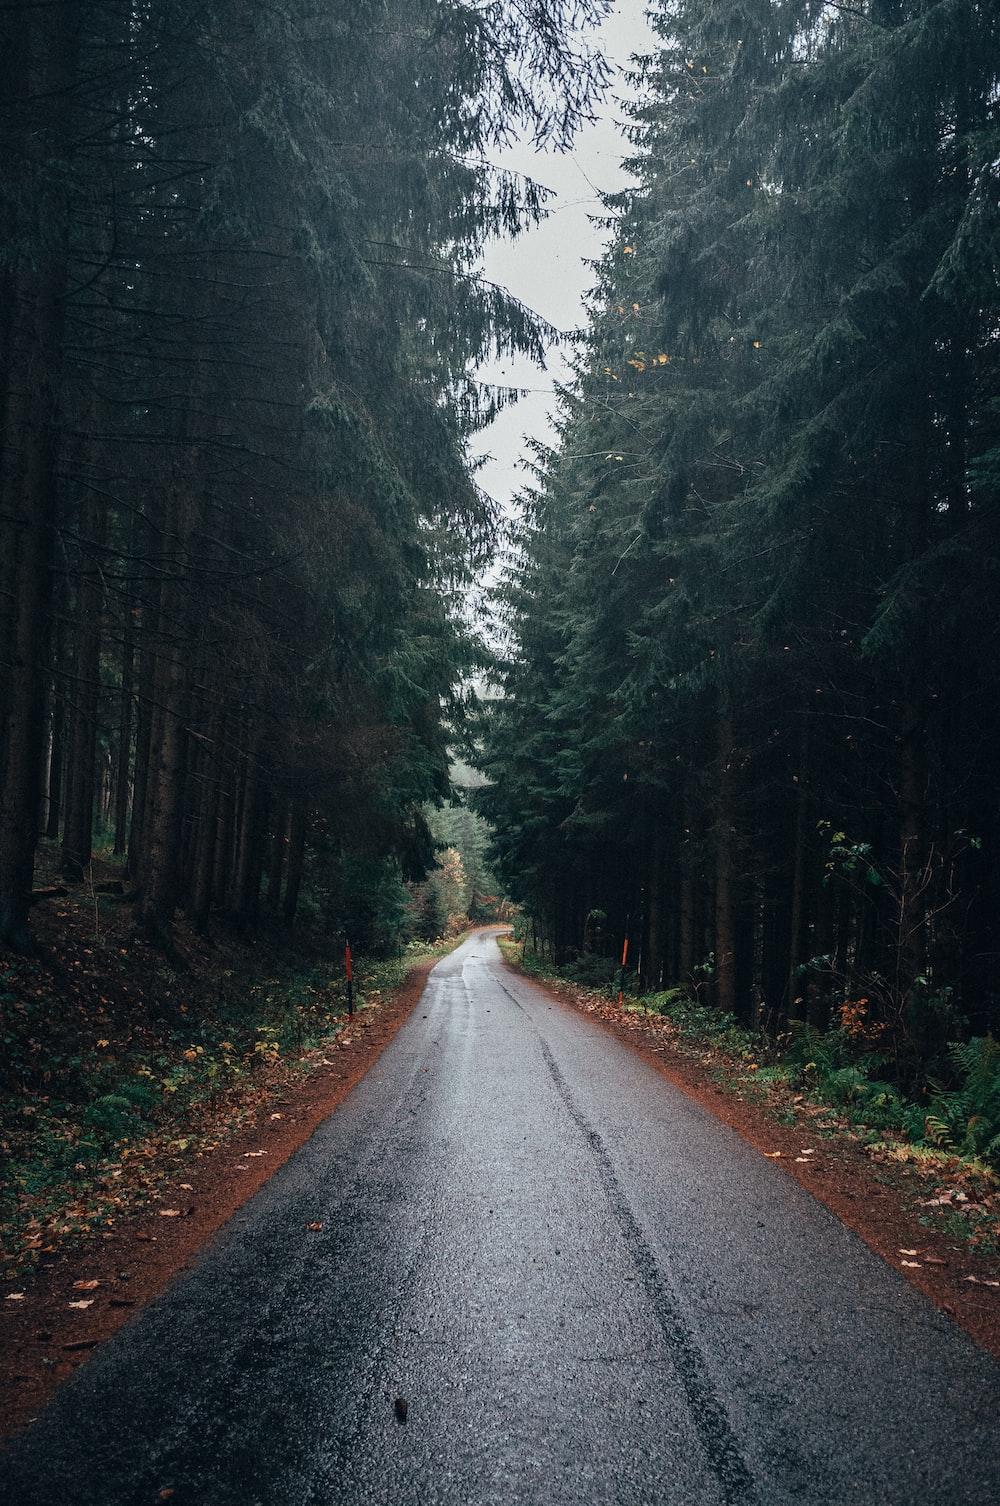 gray road between trees